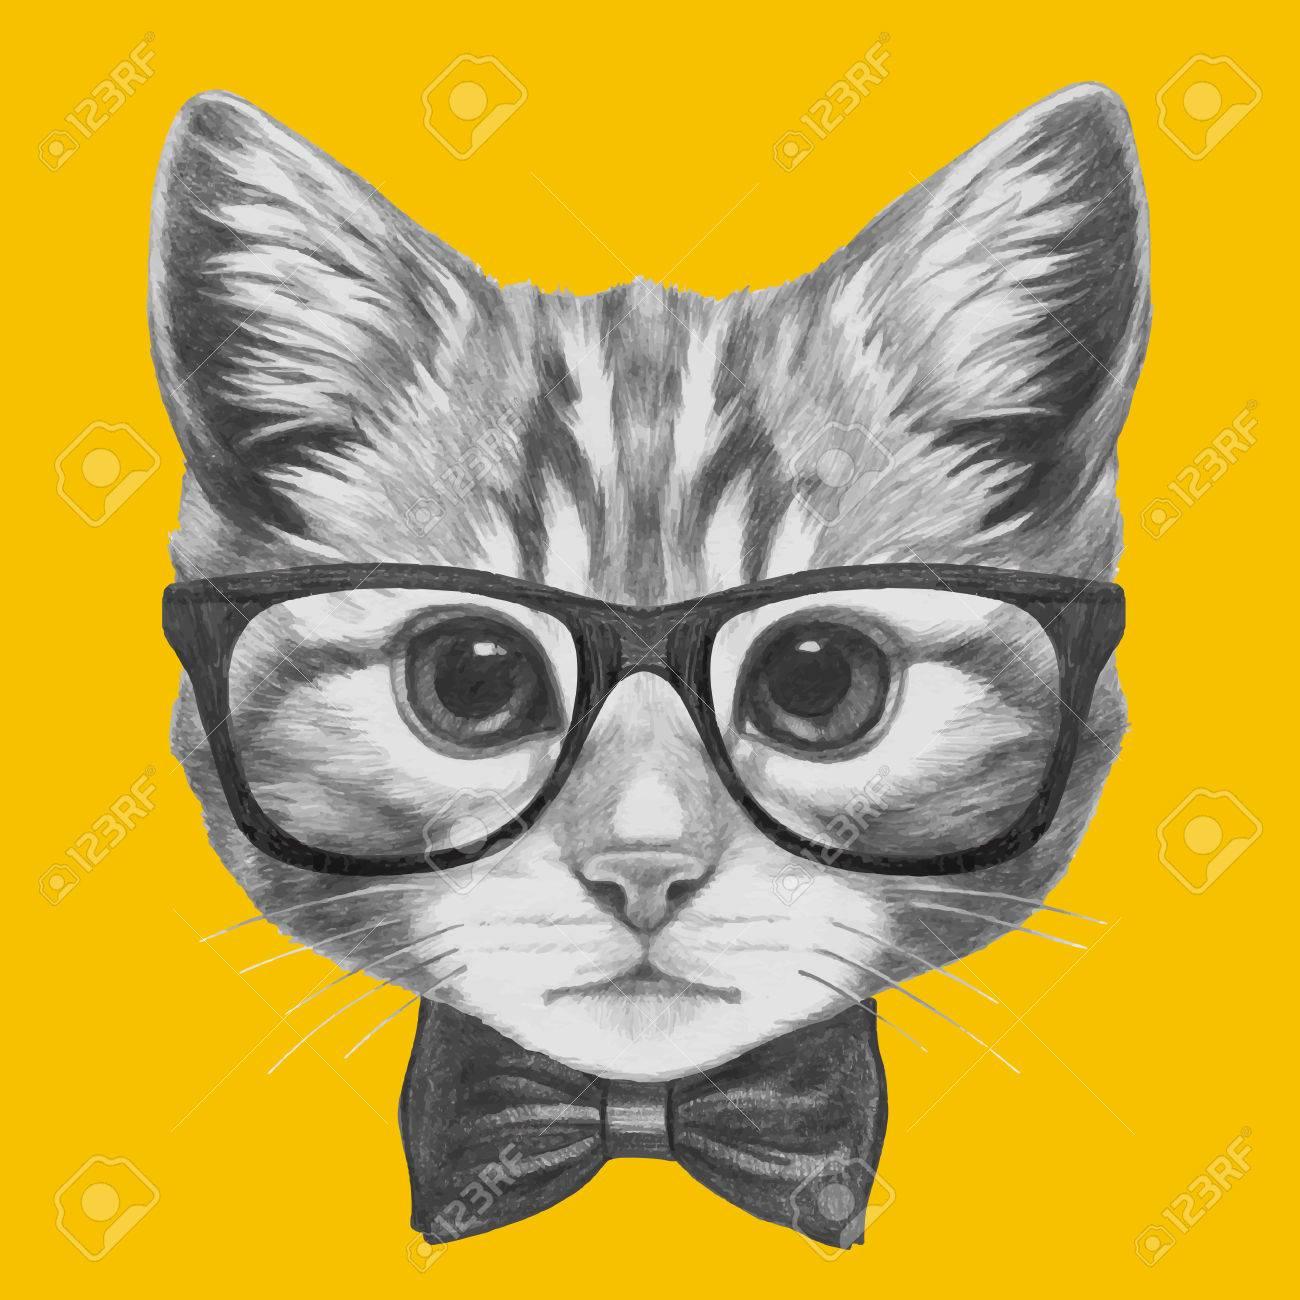 images officielles très convoité gamme de dernière mode Dessiné à la main portrait de chat avec des lunettes et un noeud papillon.  Vector isolé éléments.